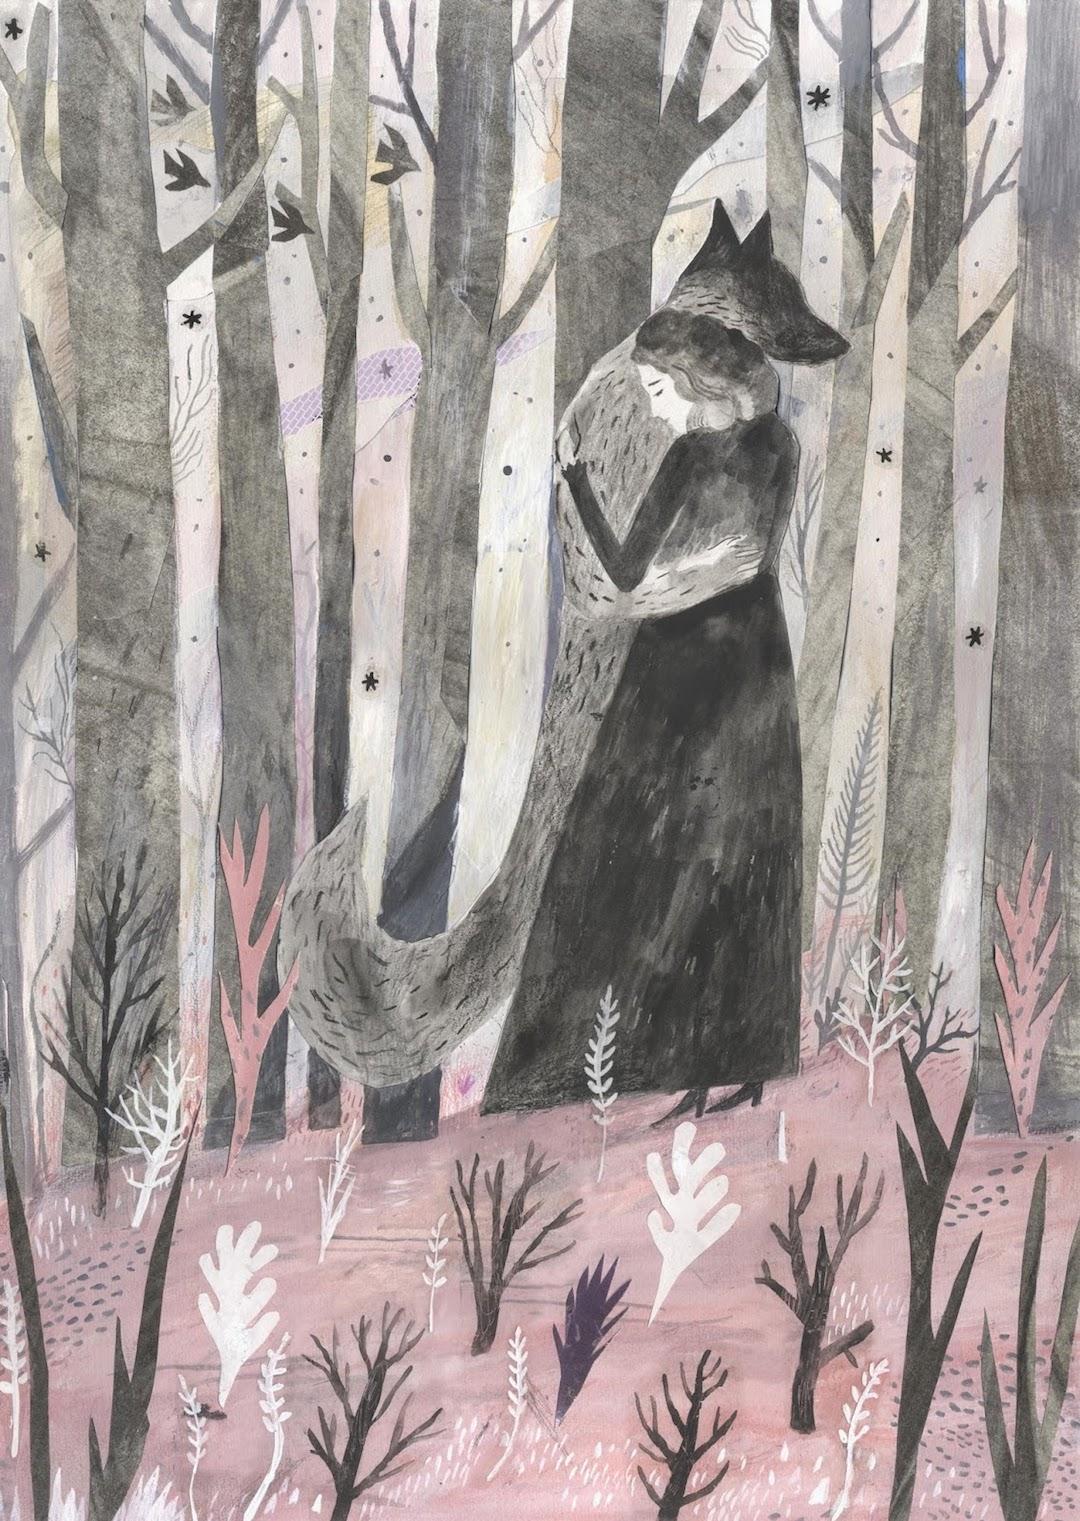 Gray illustration by Chris Hagen